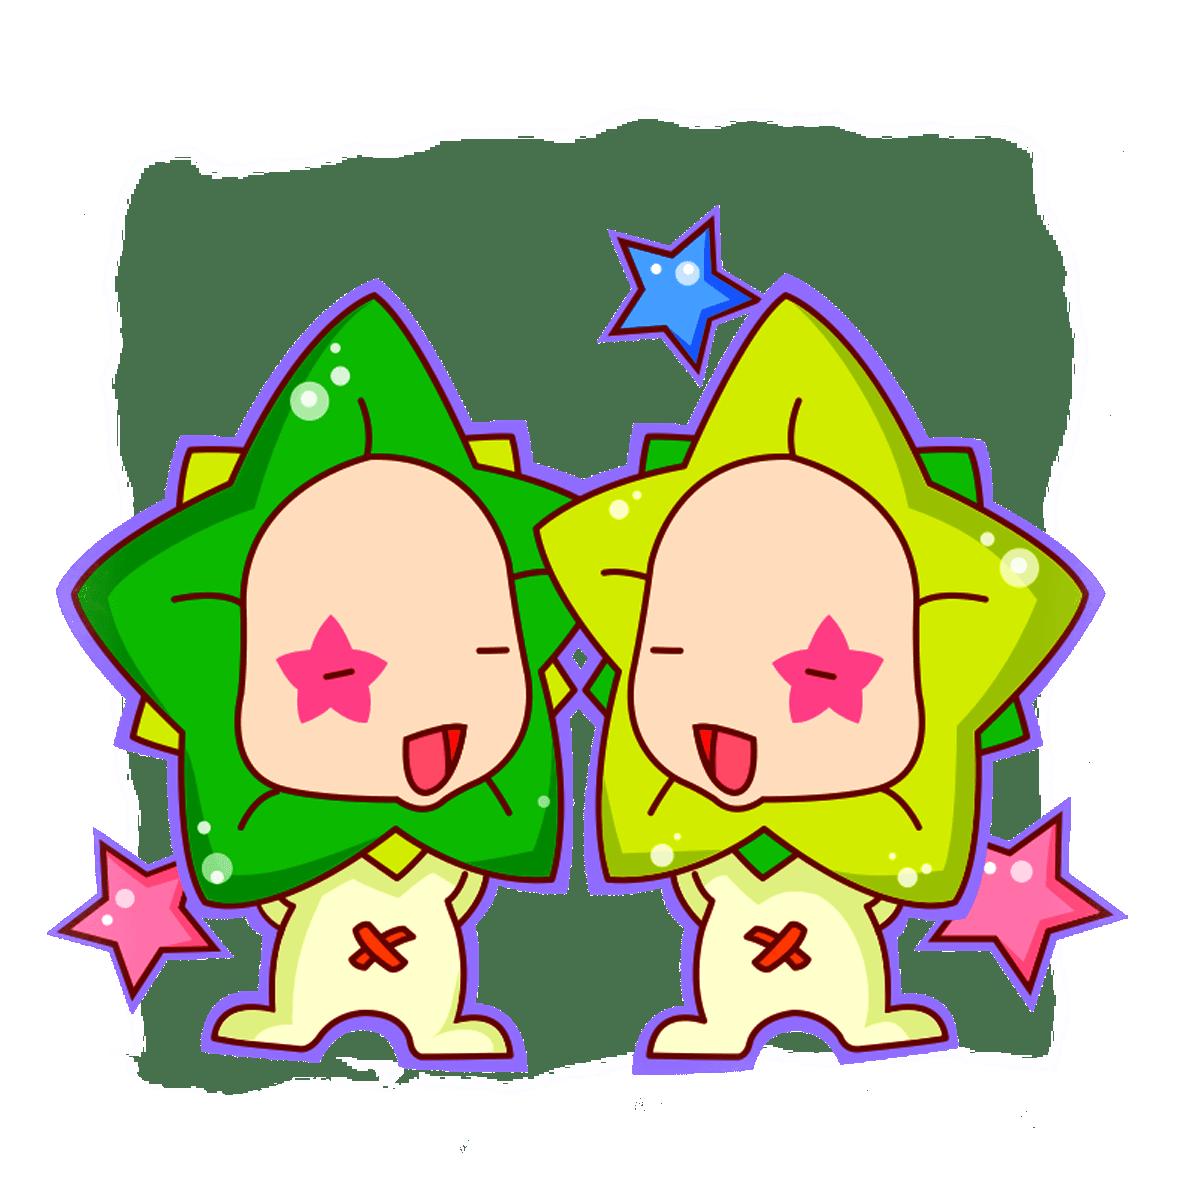 Поздравительная открытка с днем рождения двойняшек